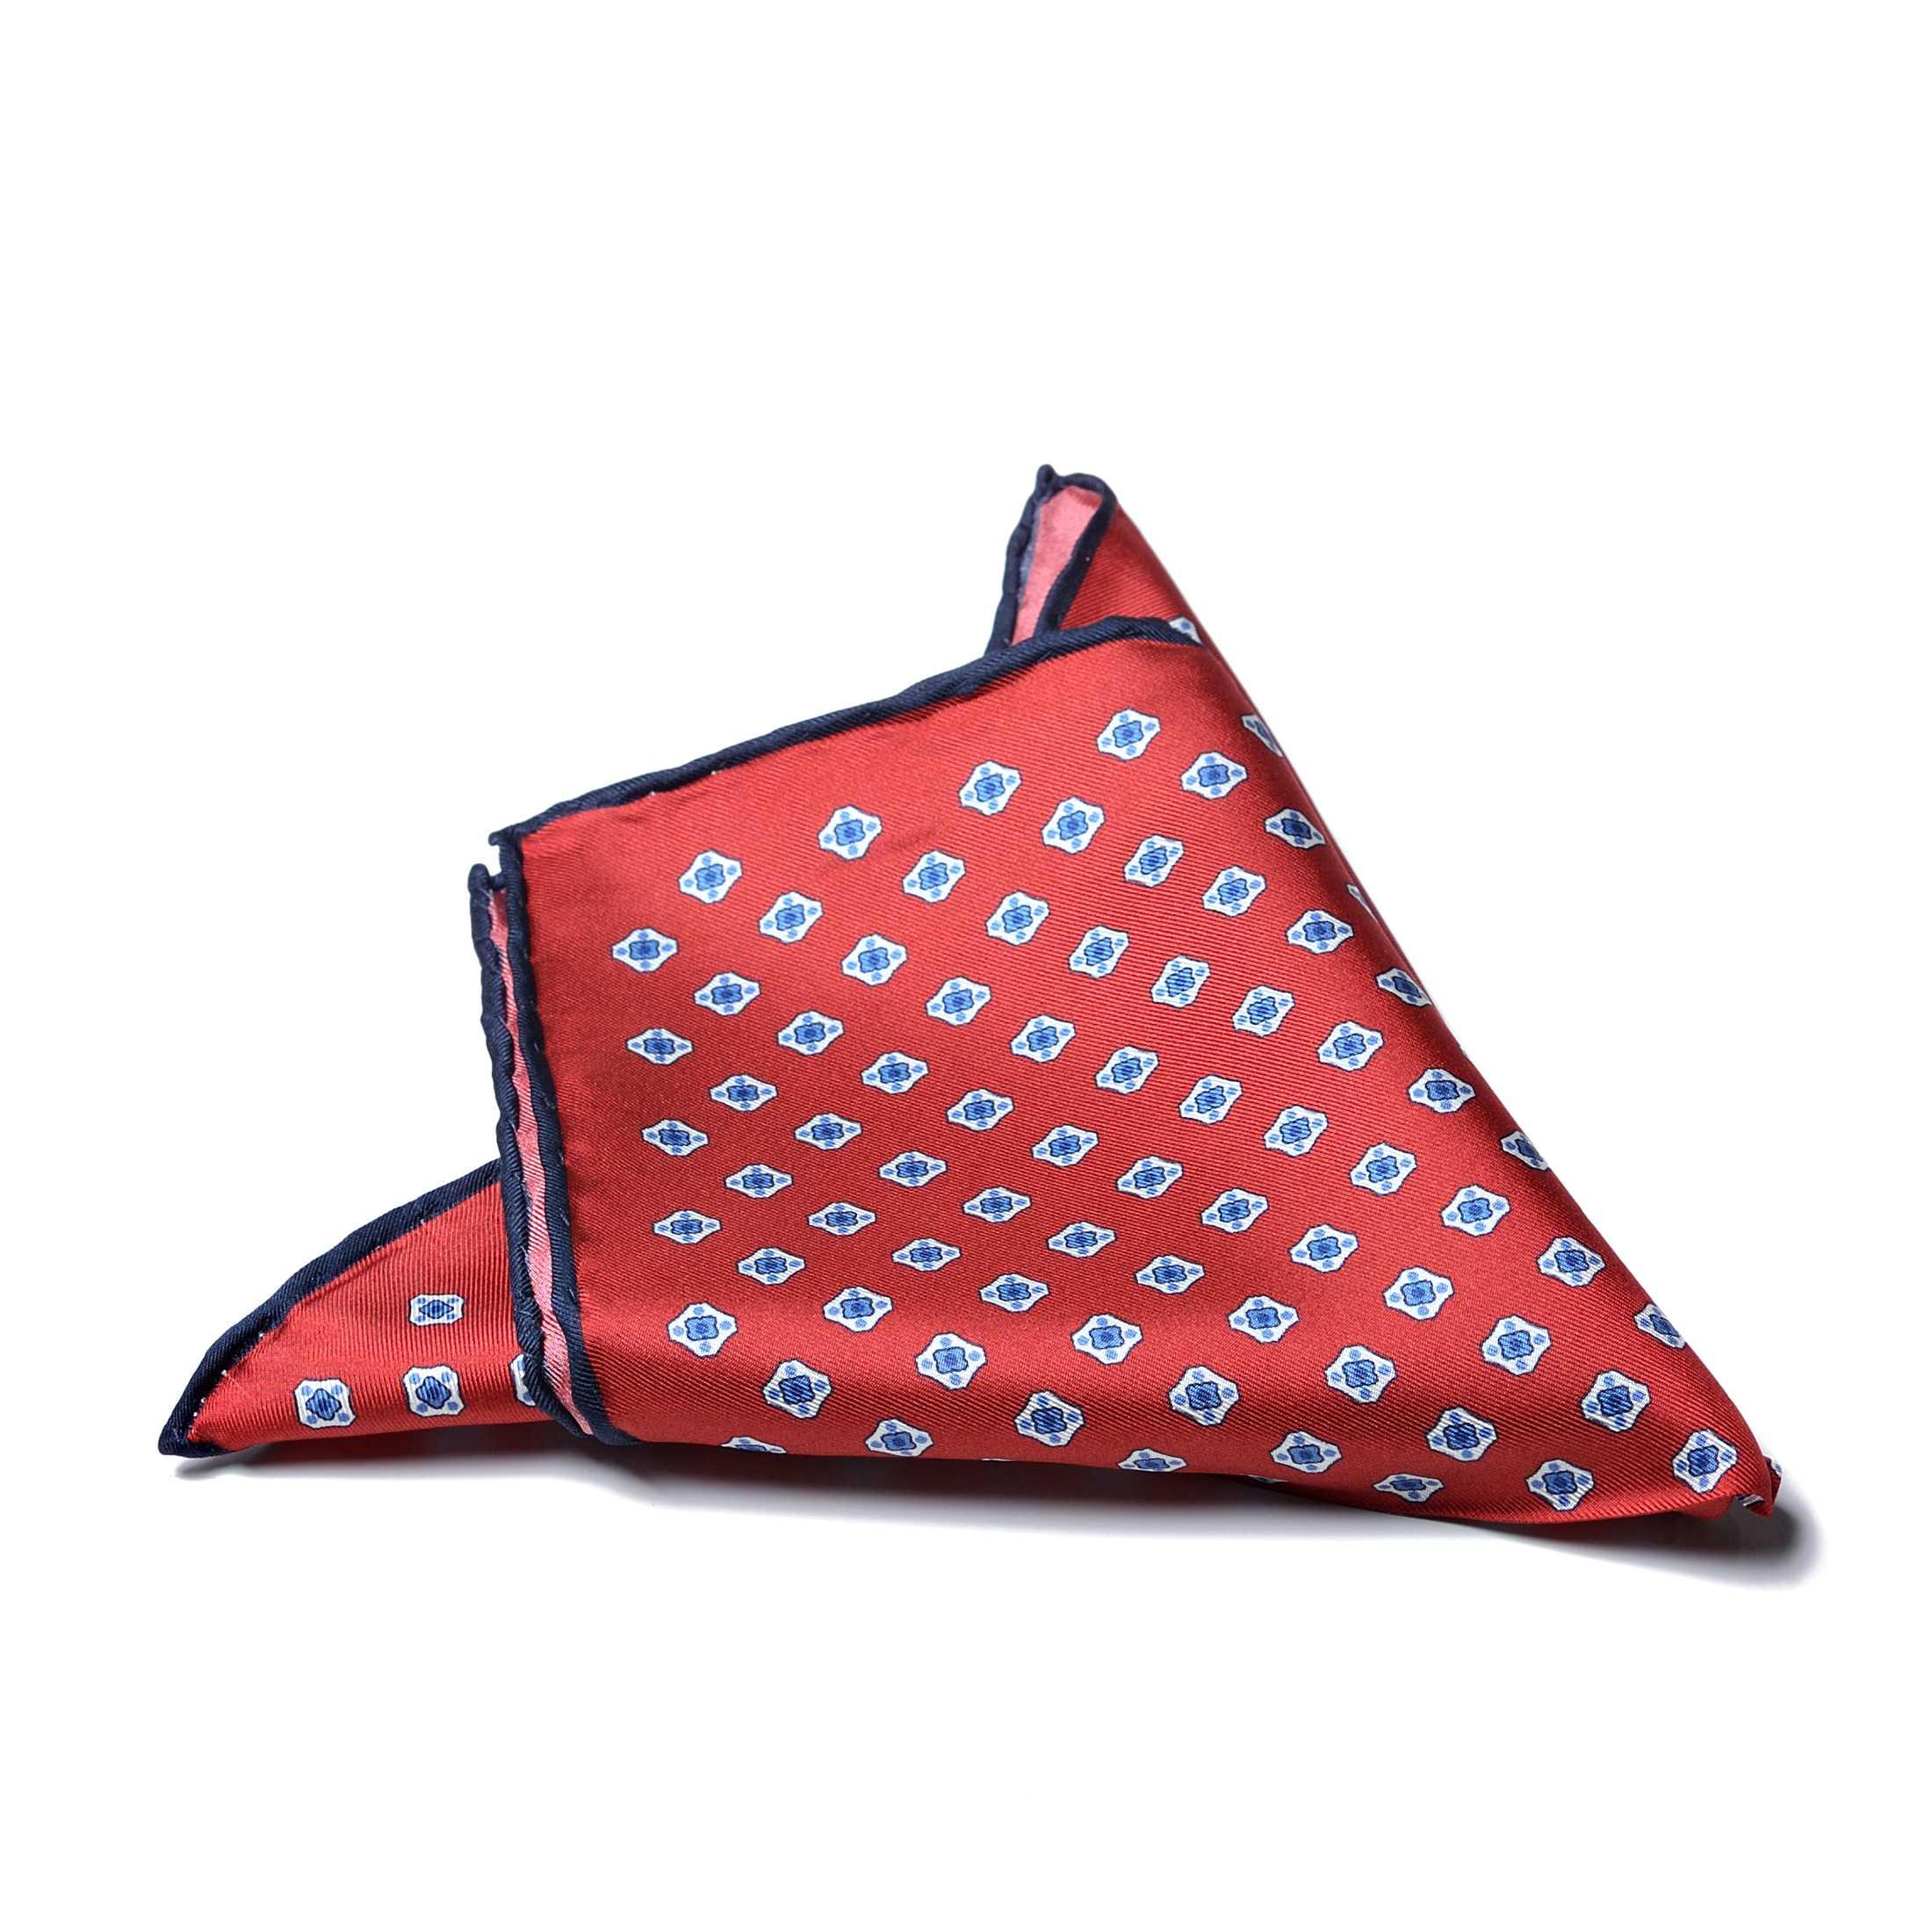 Платок нагрудный в карман красного цвета в бело-синий узор с синей окантовкой (шелк)